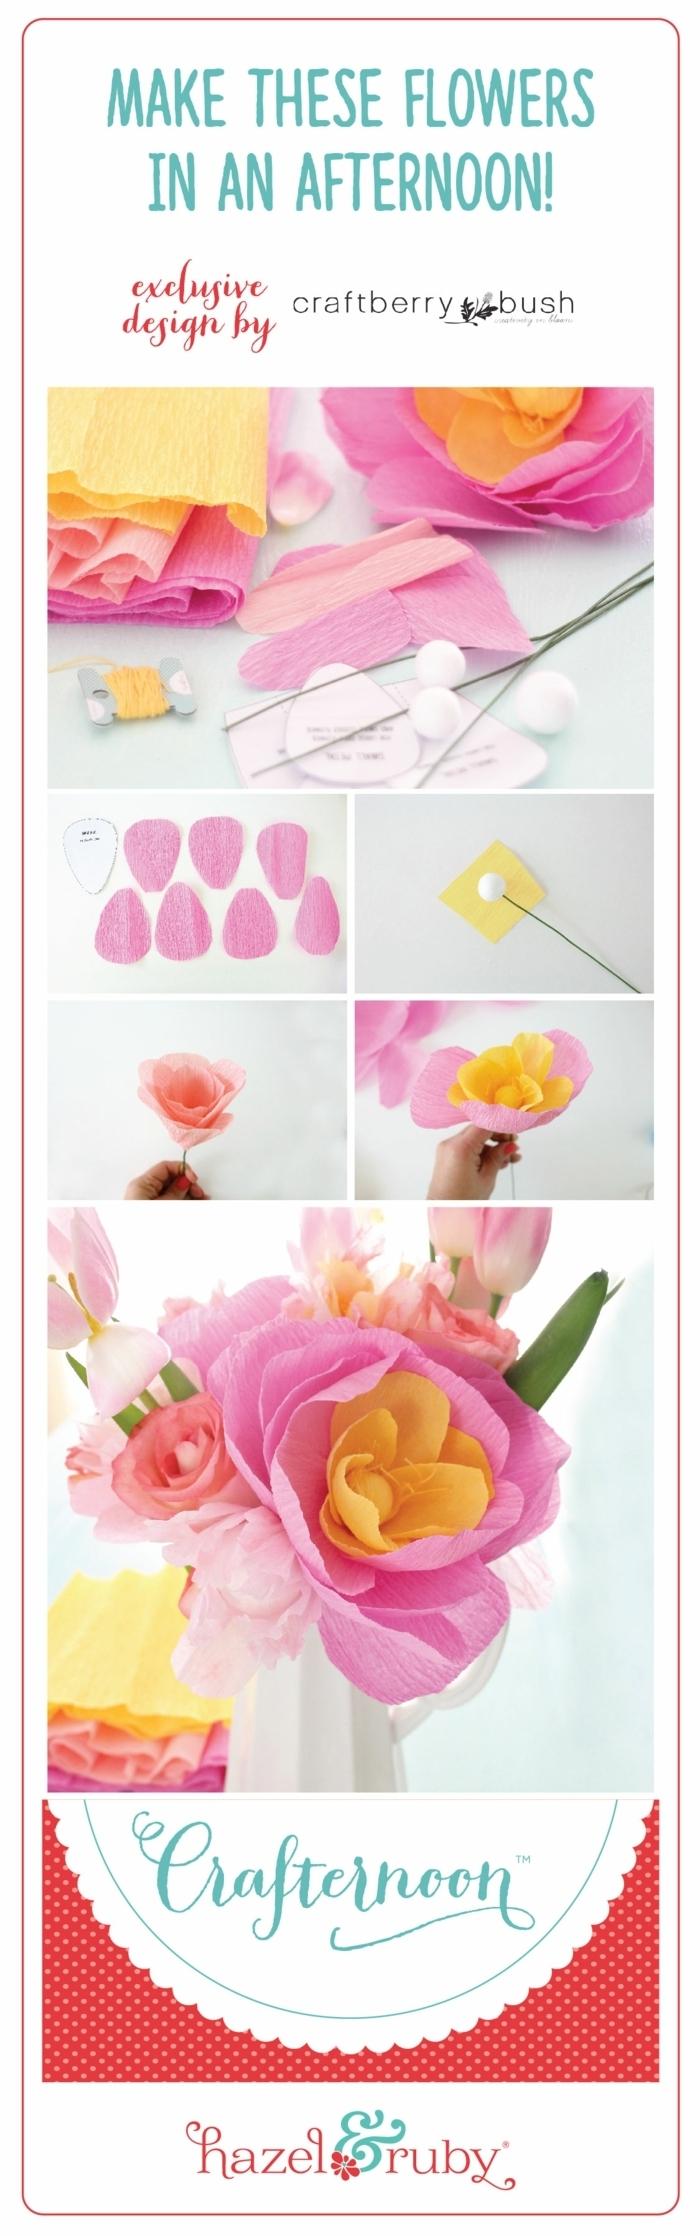 risenblumen aus kreppapier basteln, blumen selber machen ideen, diy anleitung